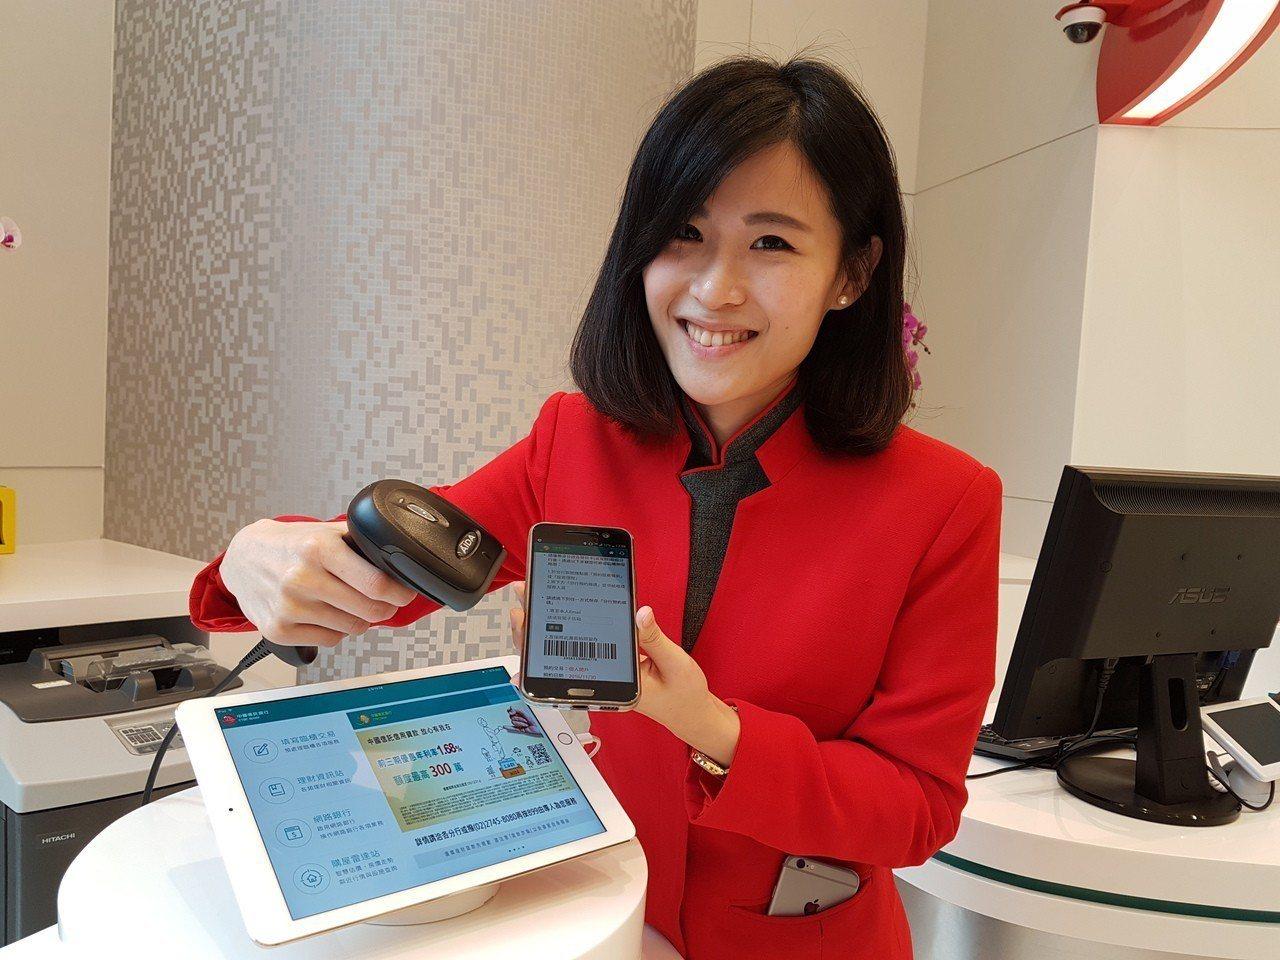 中國信託商銀18年前首創網路銀行服務,行動銀行也是第一家上線,中信「網銀加行銀」...